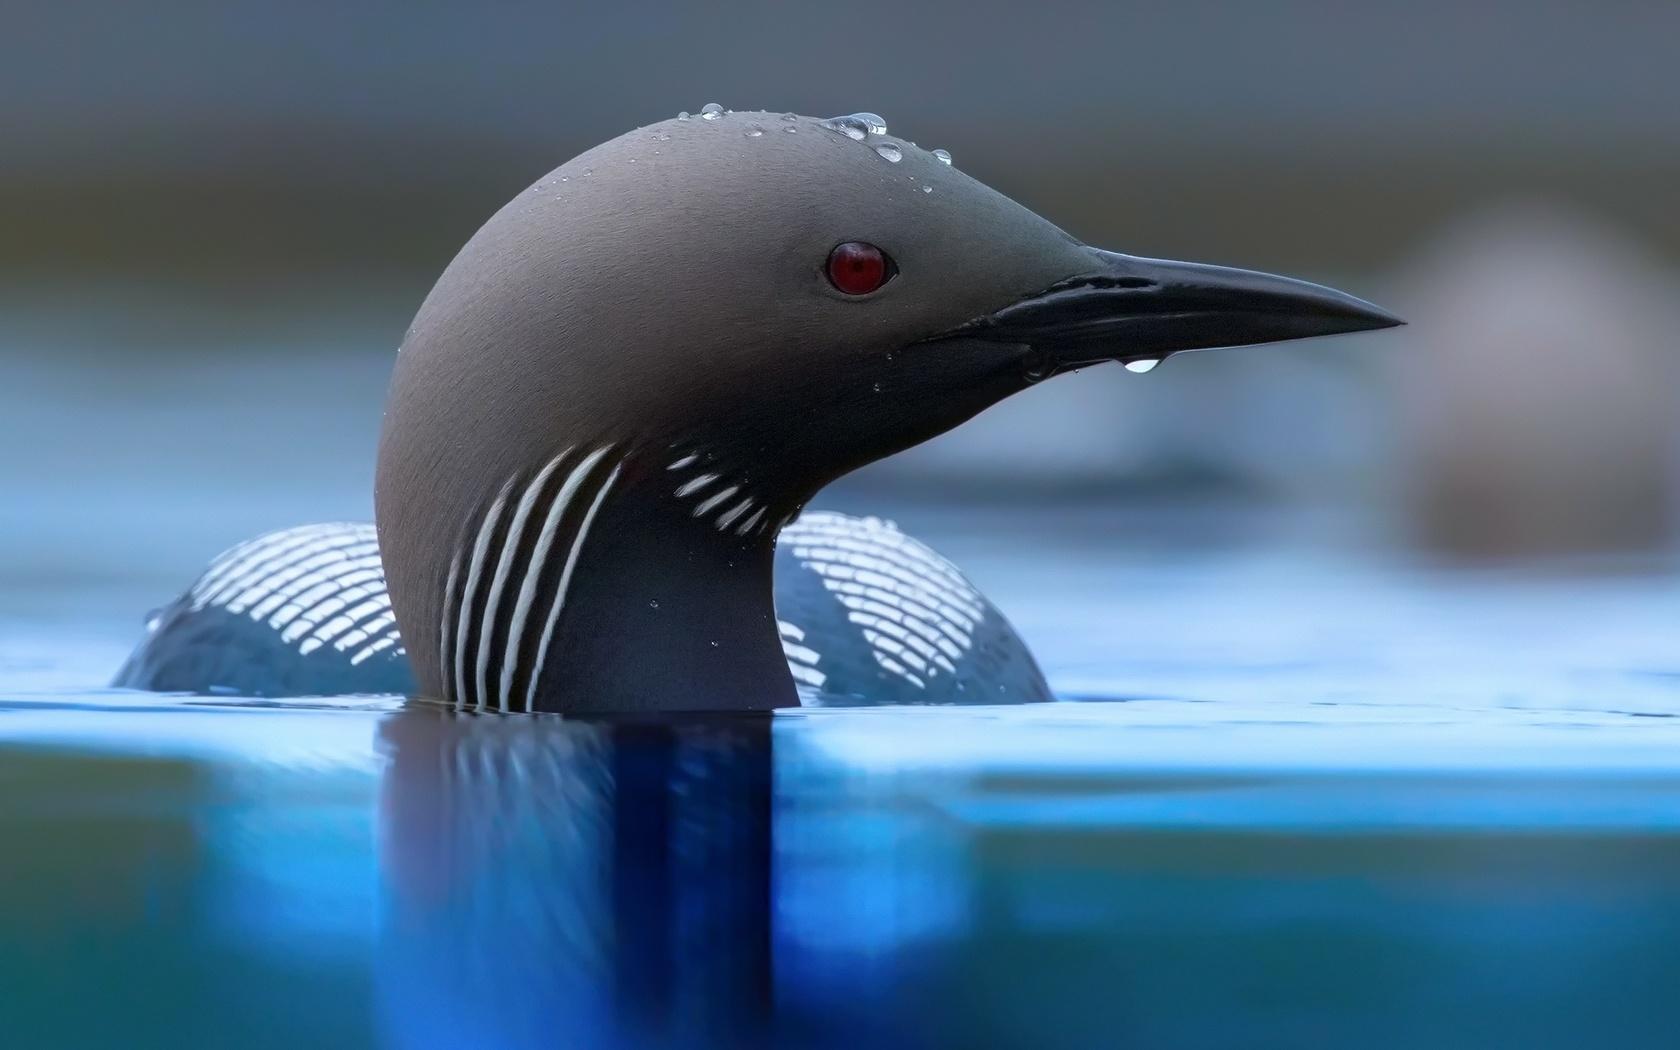 Черная, птица, голова, клюв, вода, капли